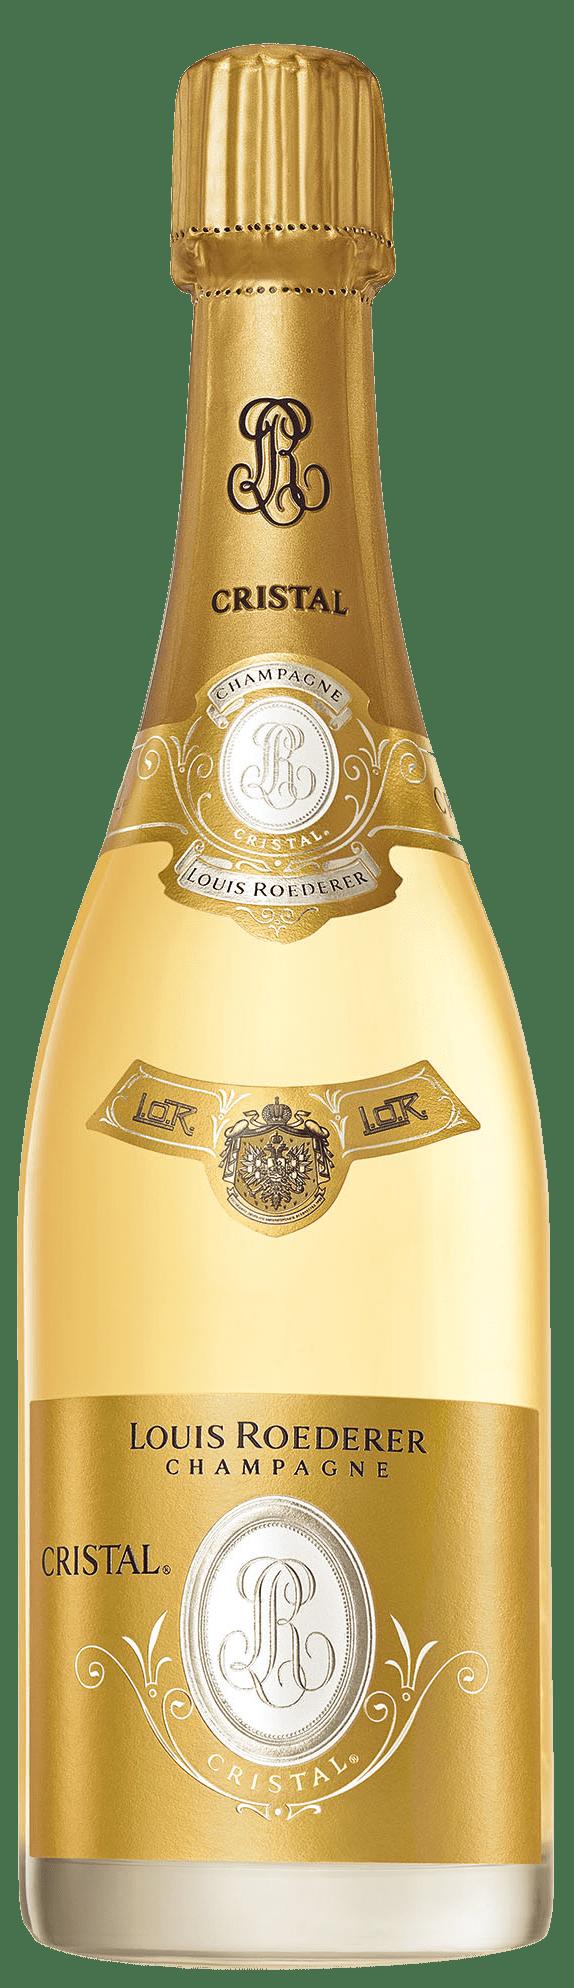 Champagner Louis Roederer Cristal